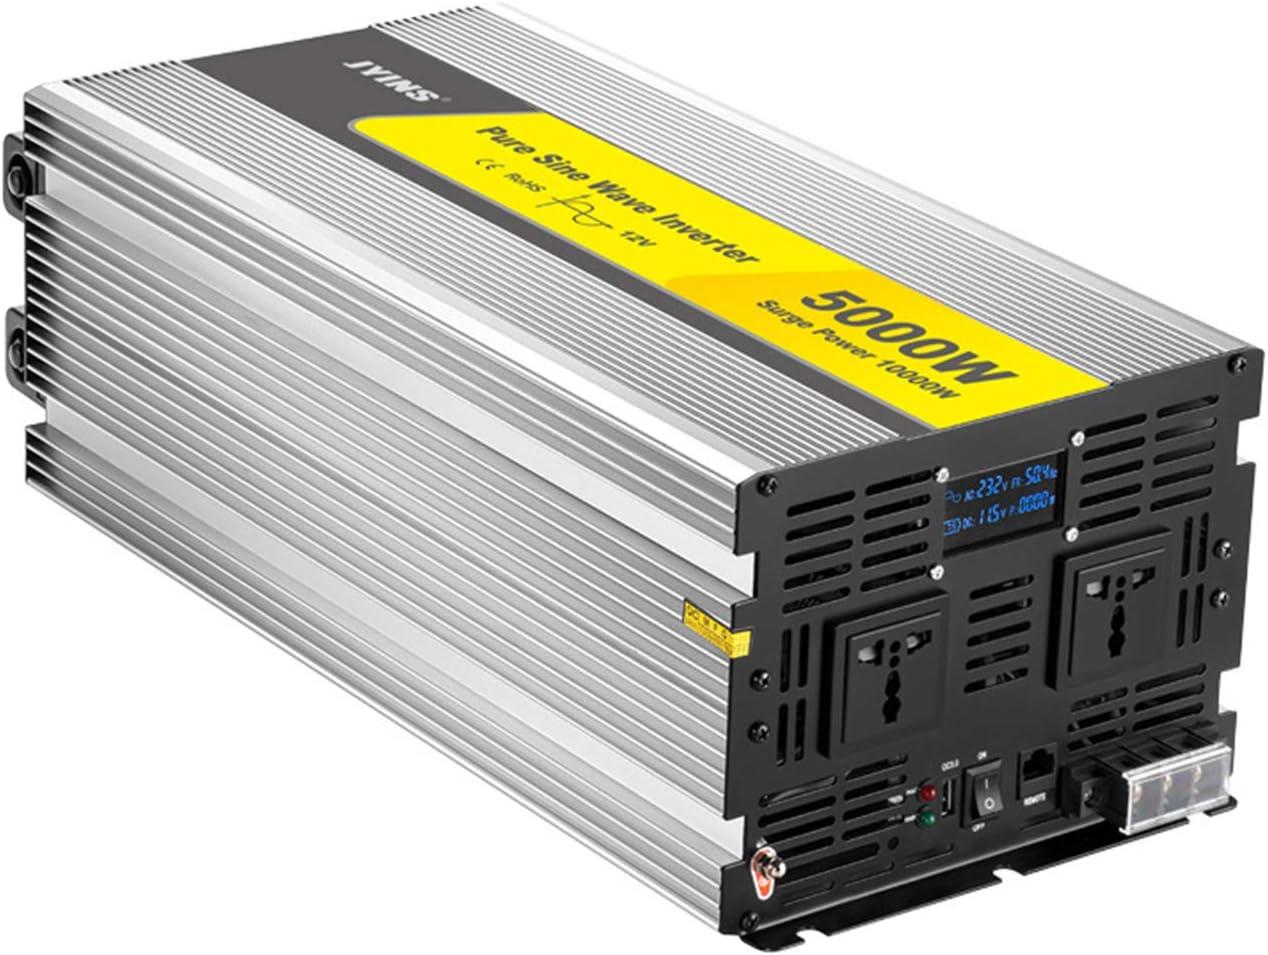 WMNRNYD Inversor de energía de Onda sinusoidal Pura de 5000 W (10000 W de Potencia máxima) con Pantalla LCD, Puertos USB 2.1A QC 3.0 y 2 Salidas de CA para RV de Viaje,12v,220V